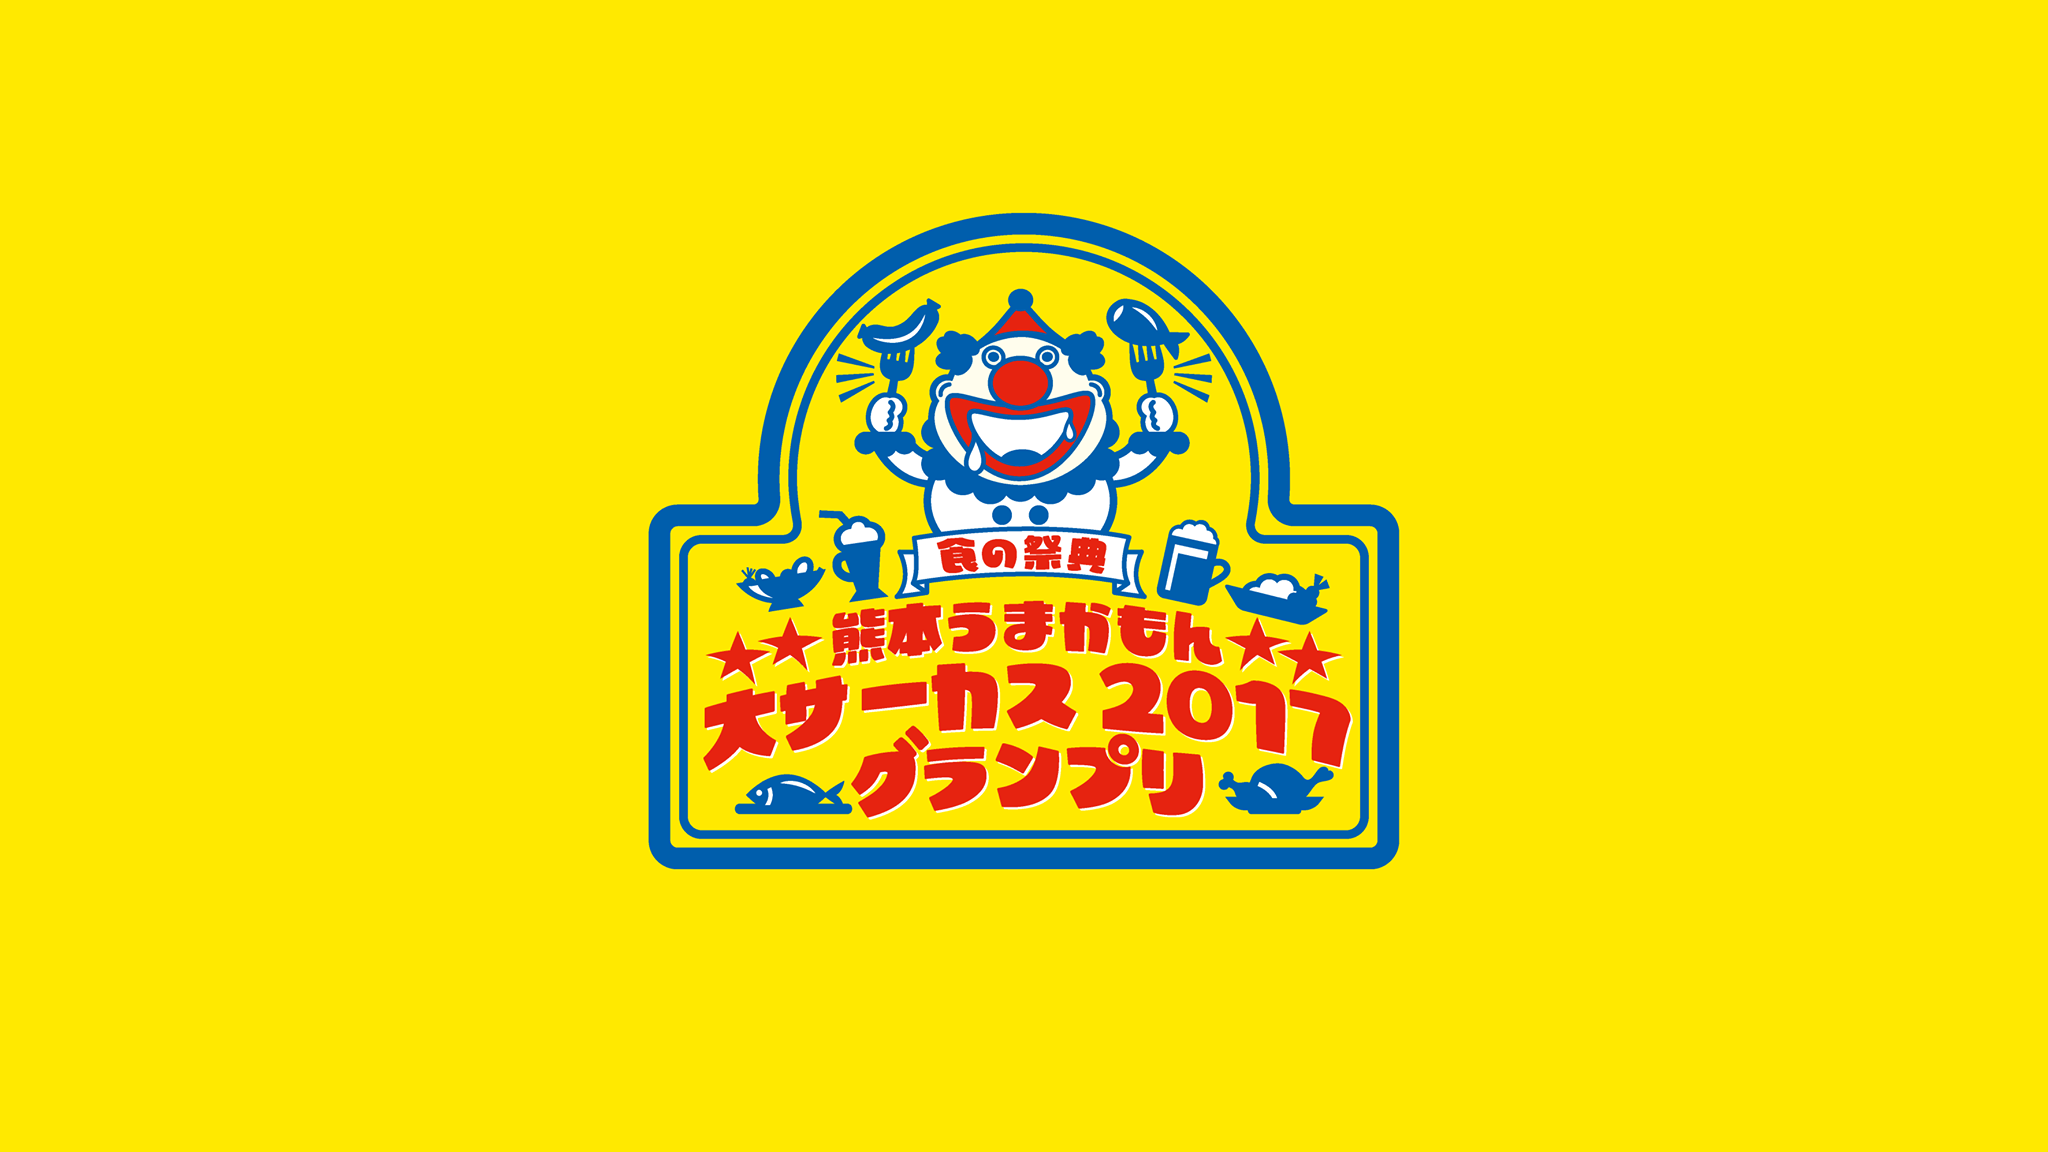 【熊本うまかもん大サーカス2017】花畑広場!詳細日程はこちら